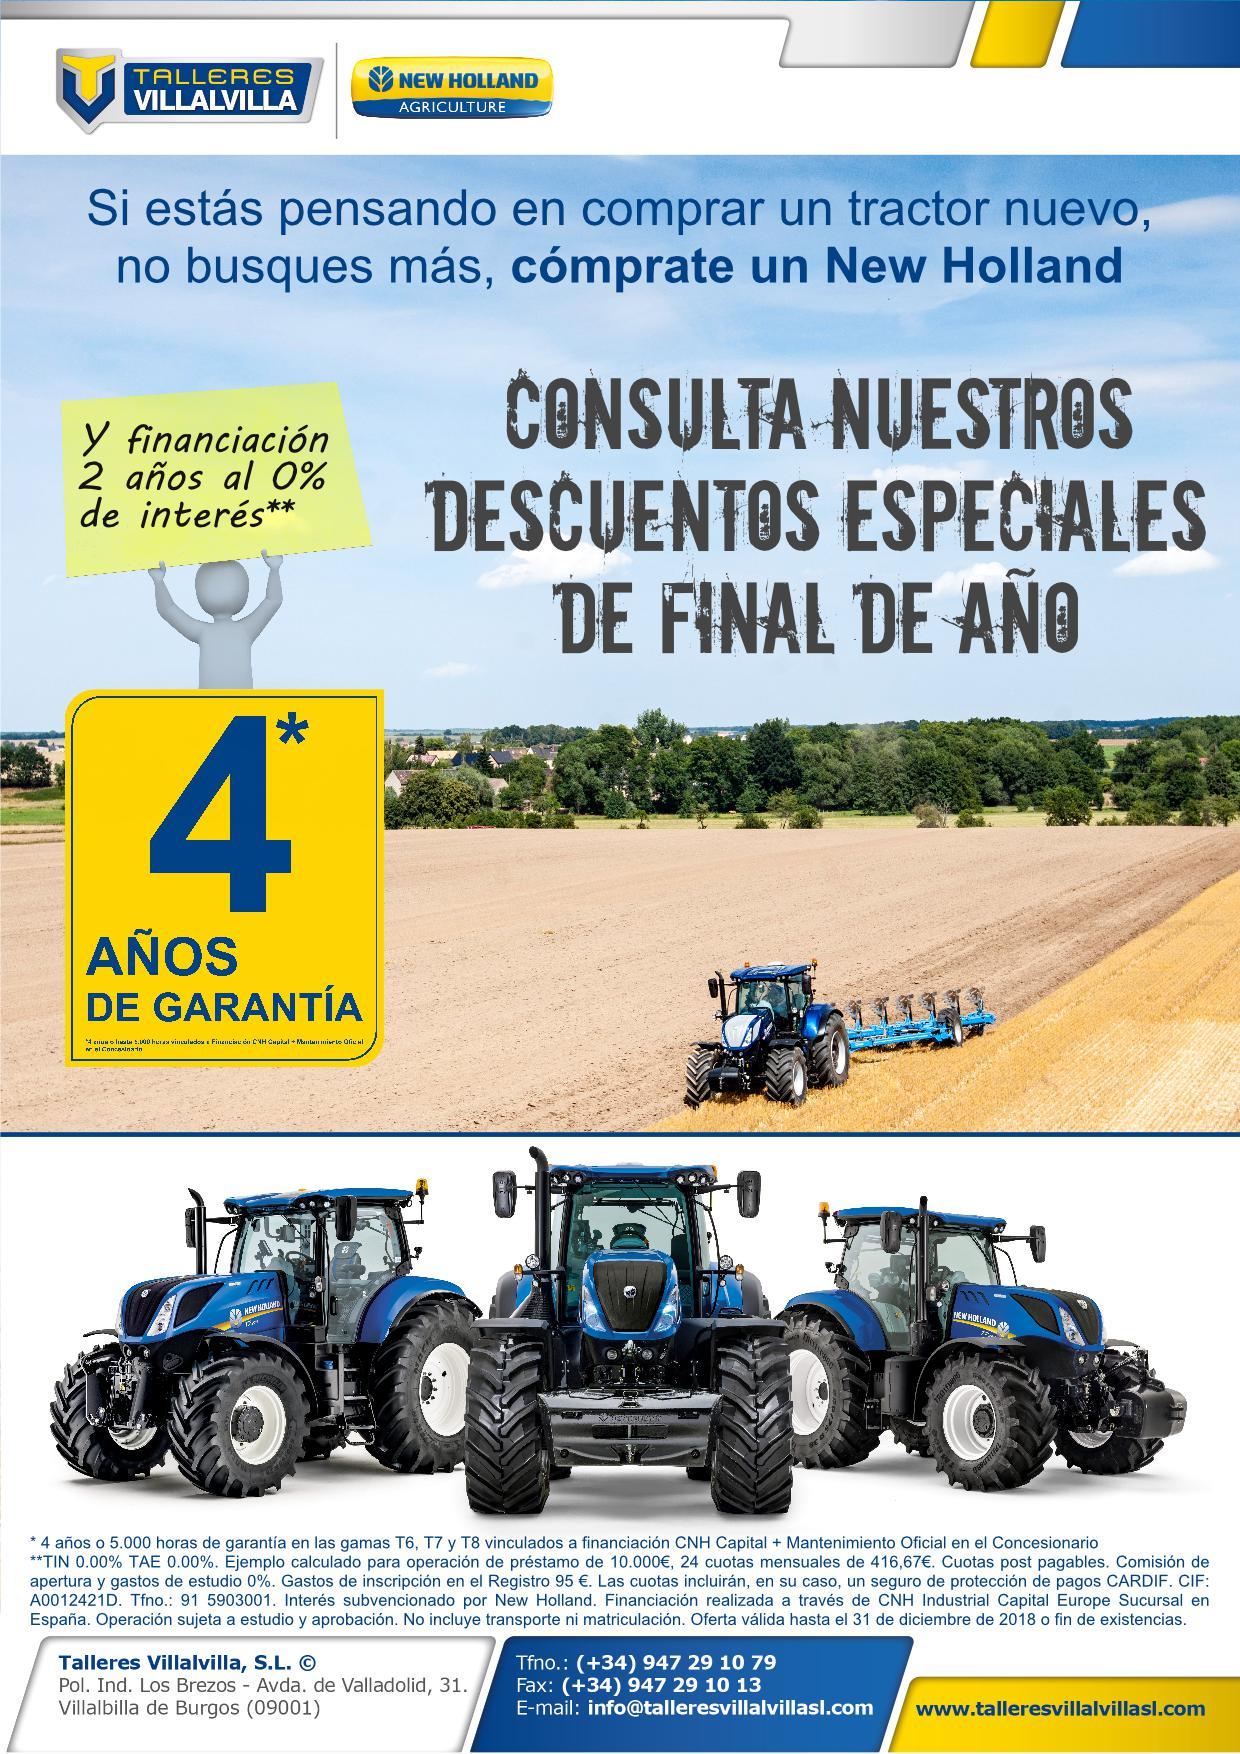 DESCUENTOS ESPECIALES DE FINAL DE AÑO DE TRACTORES